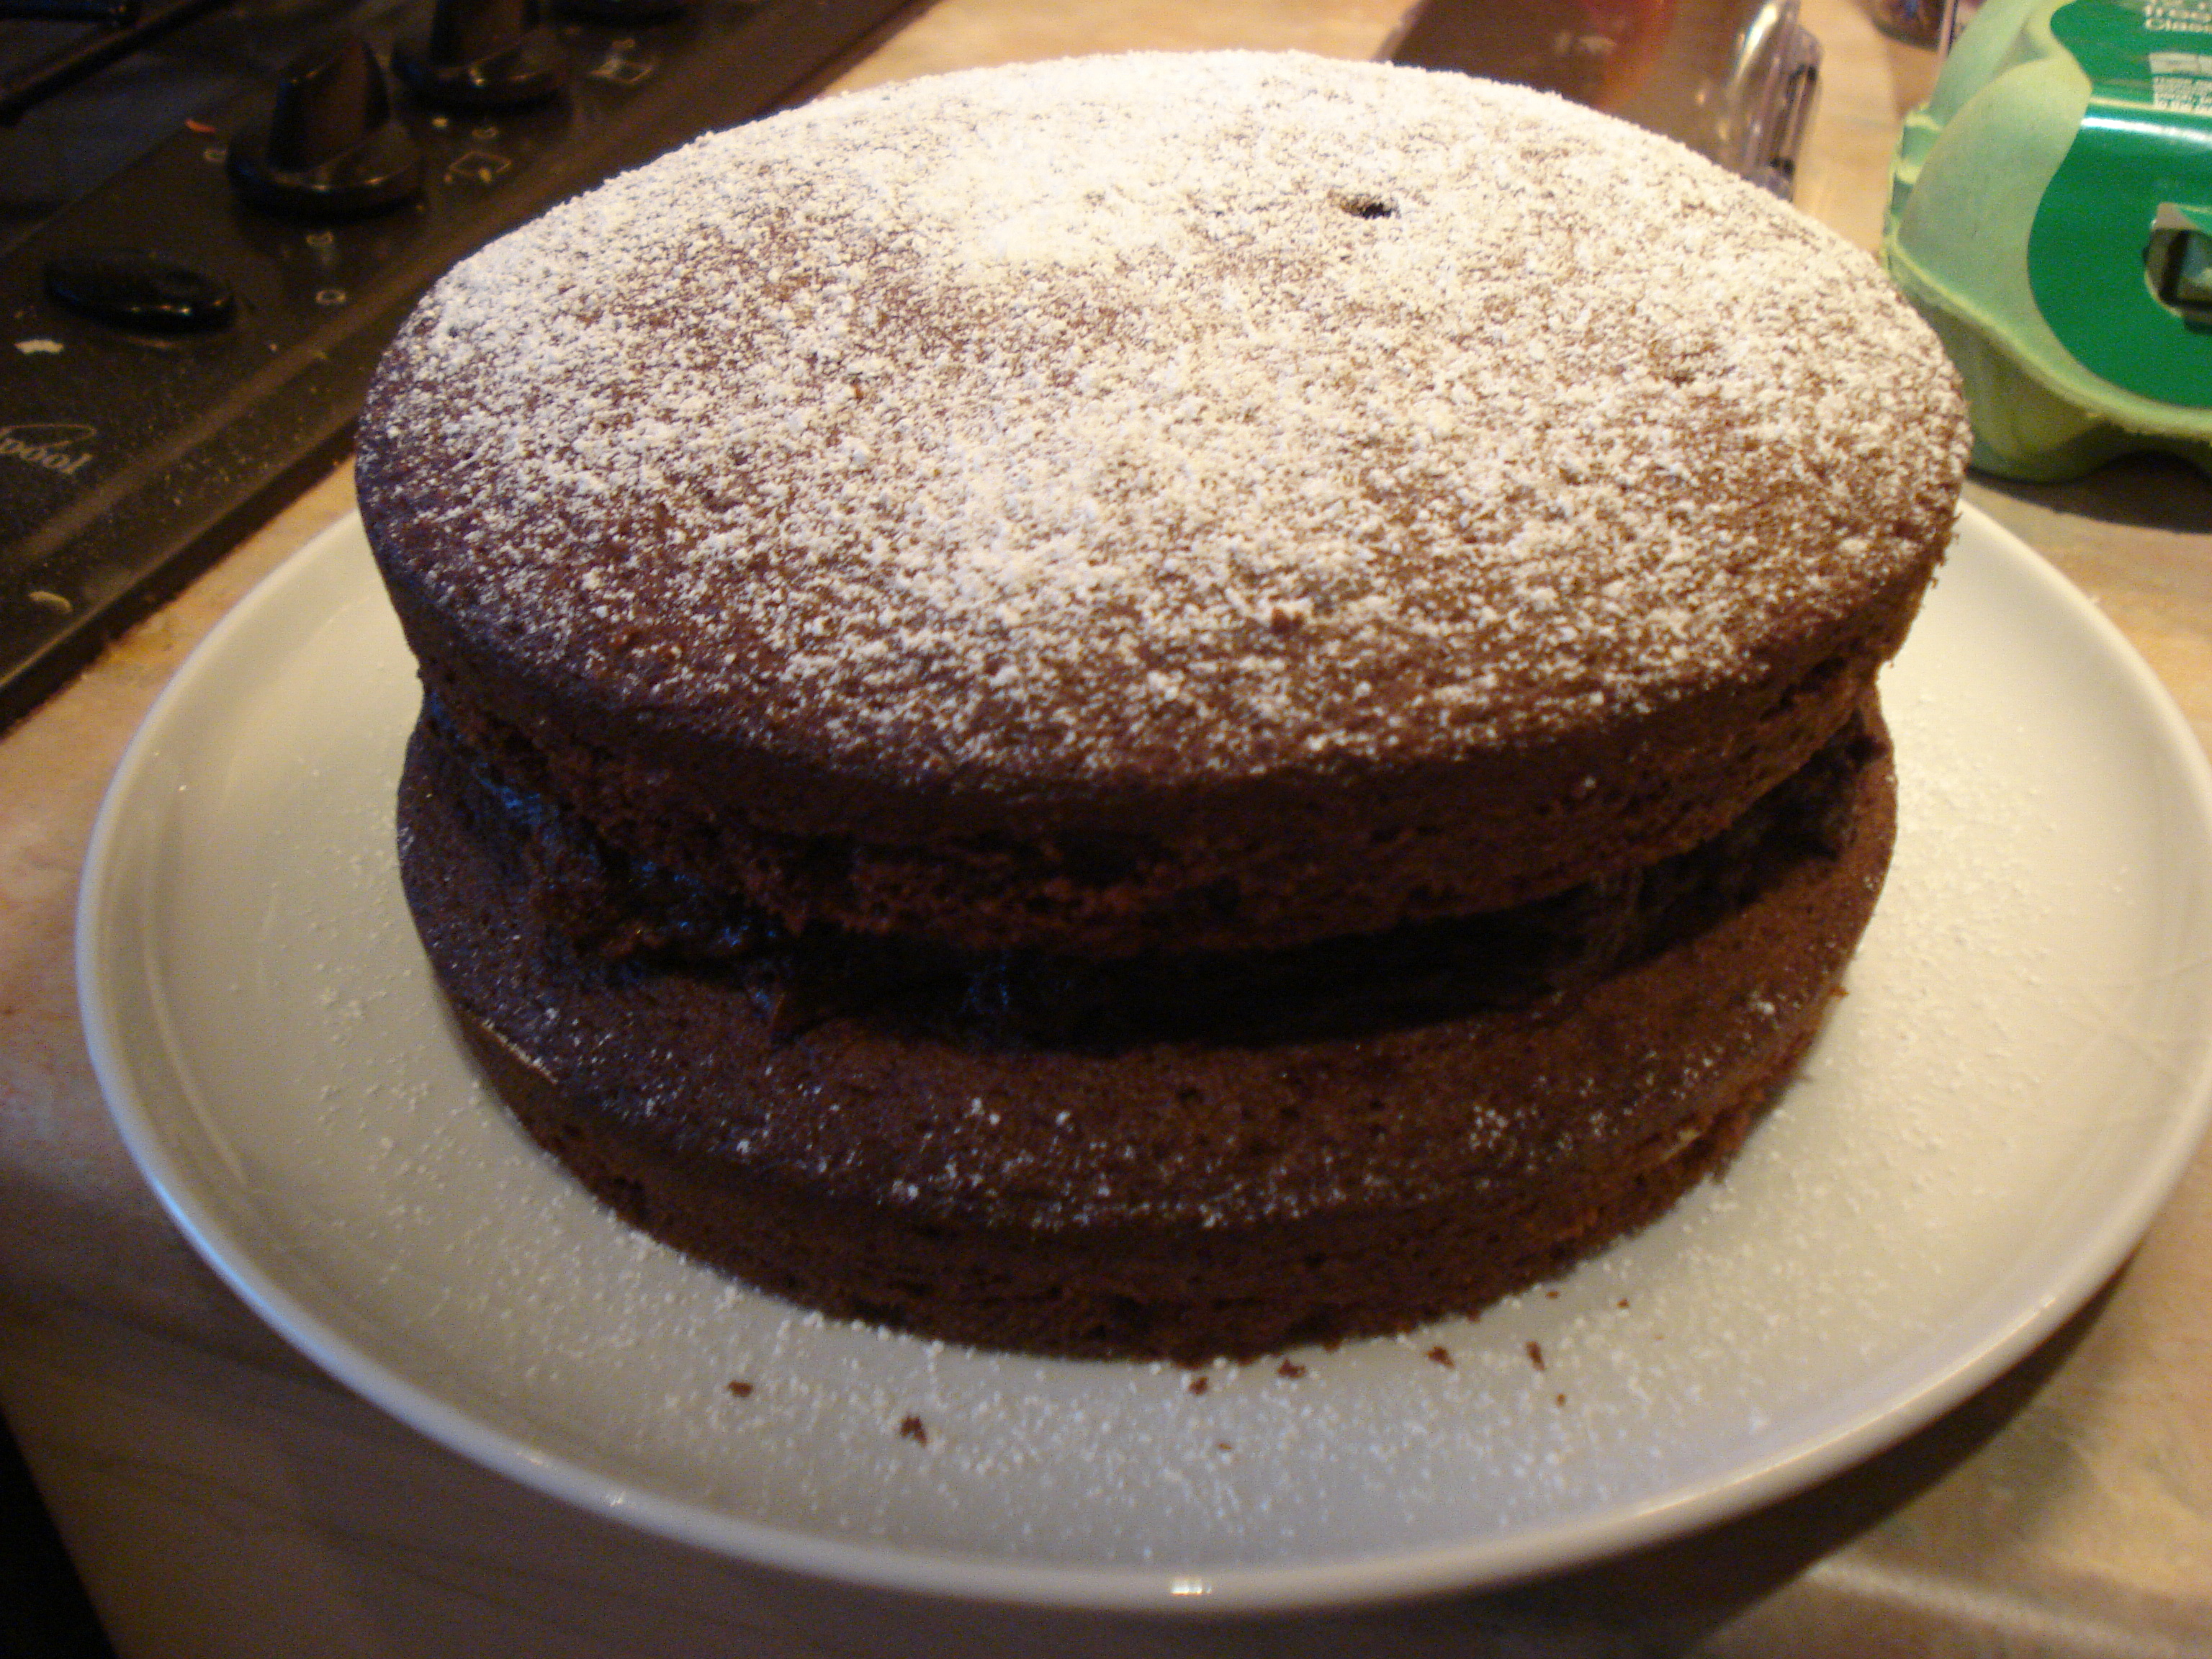 marcus wareing's chocolate cake